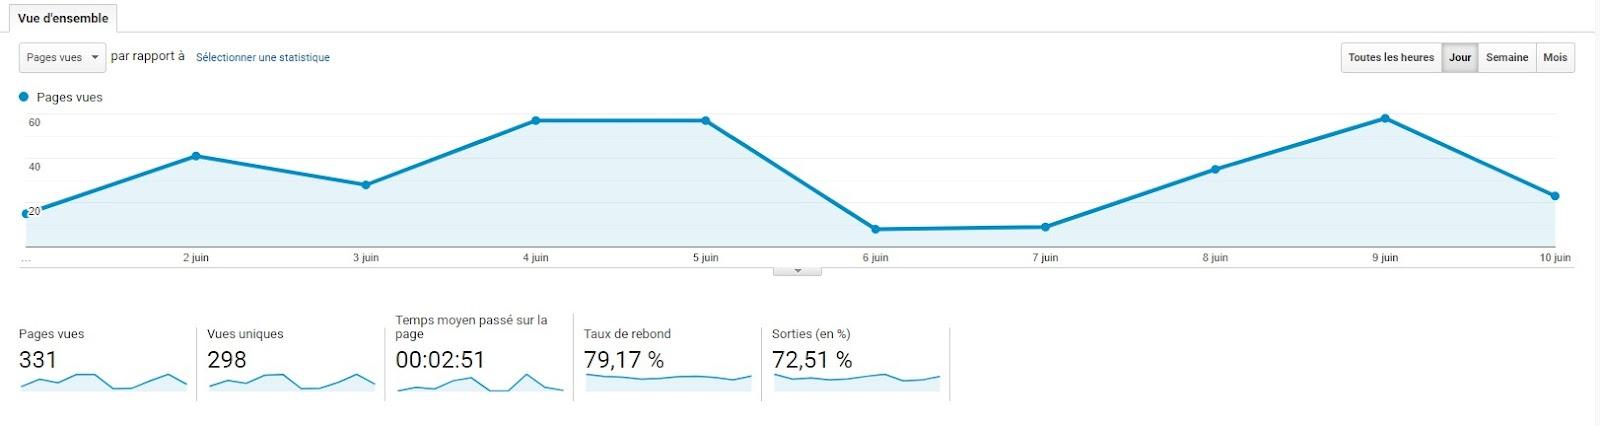 Indicateurs GUA KPI Google Analytics : taux de rebond, pages vues